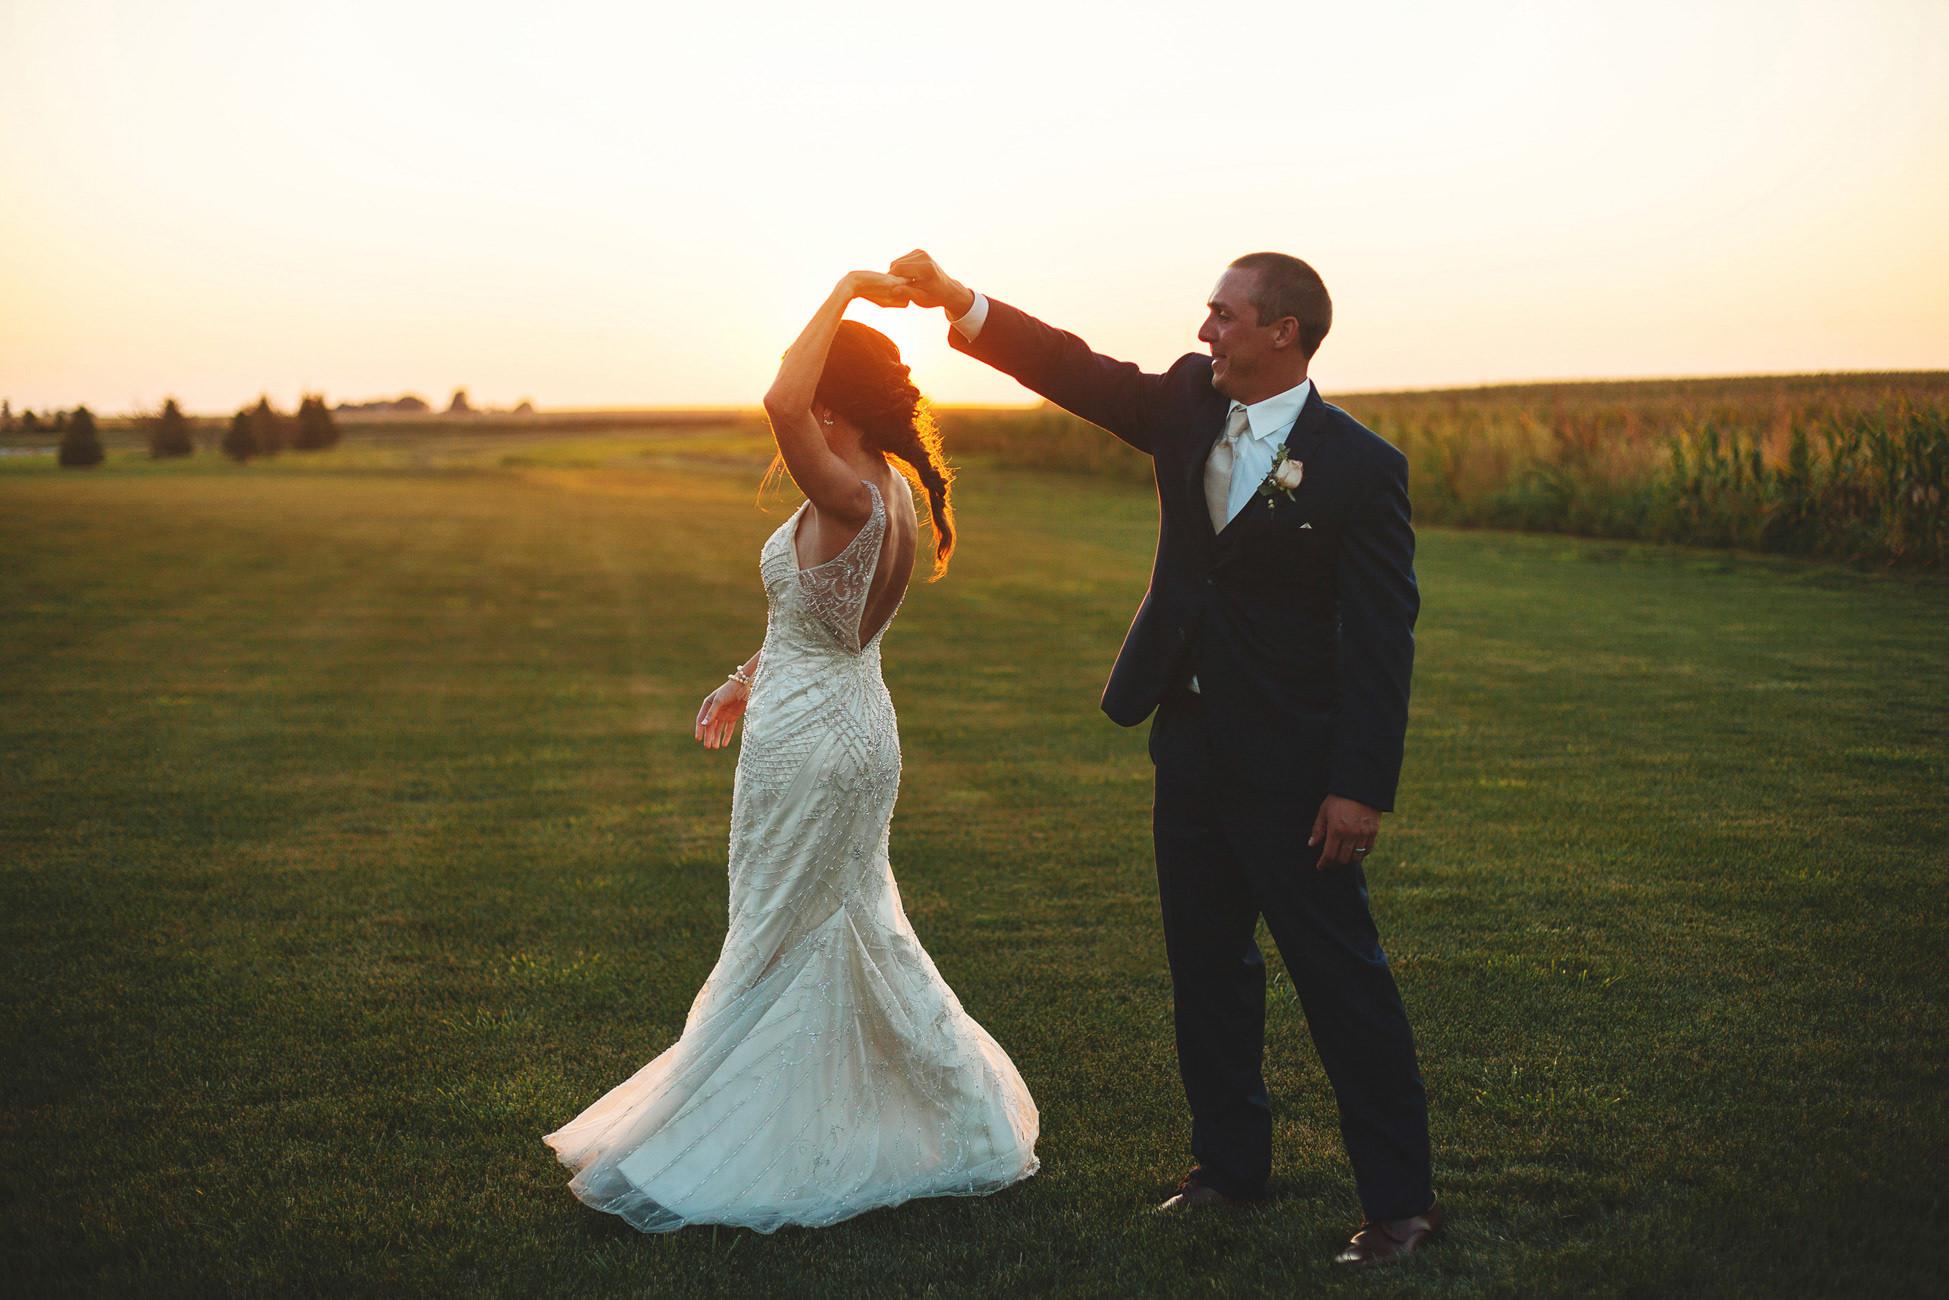 rachael_schirano_photography_wedding-23